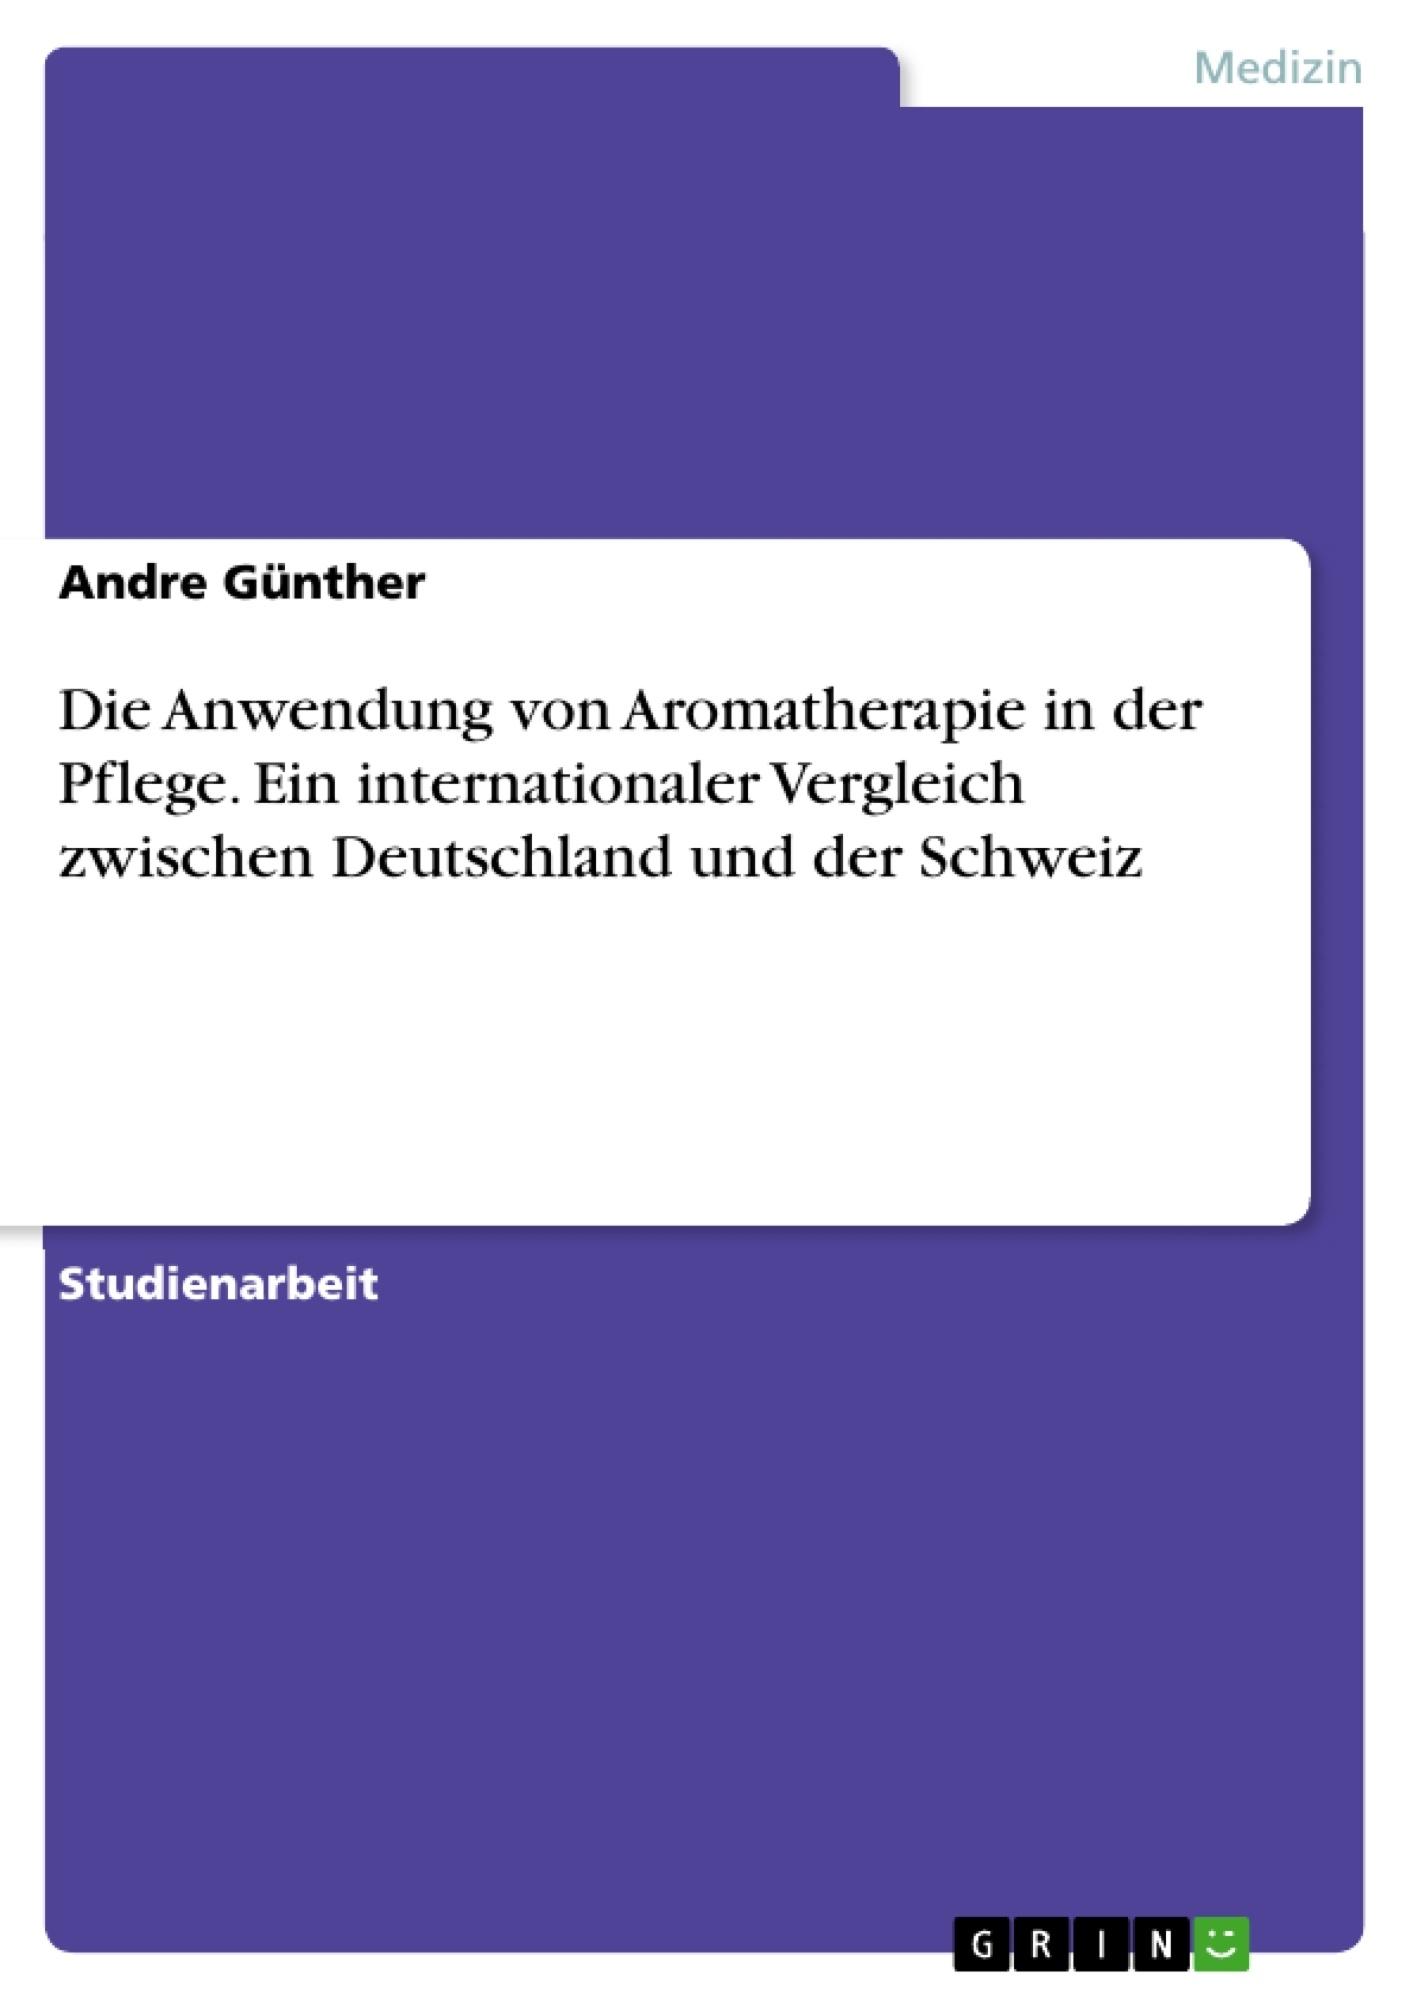 Titel: Die Anwendung von Aromatherapie in der Pflege. Ein internationaler Vergleich zwischen Deutschland und der Schweiz